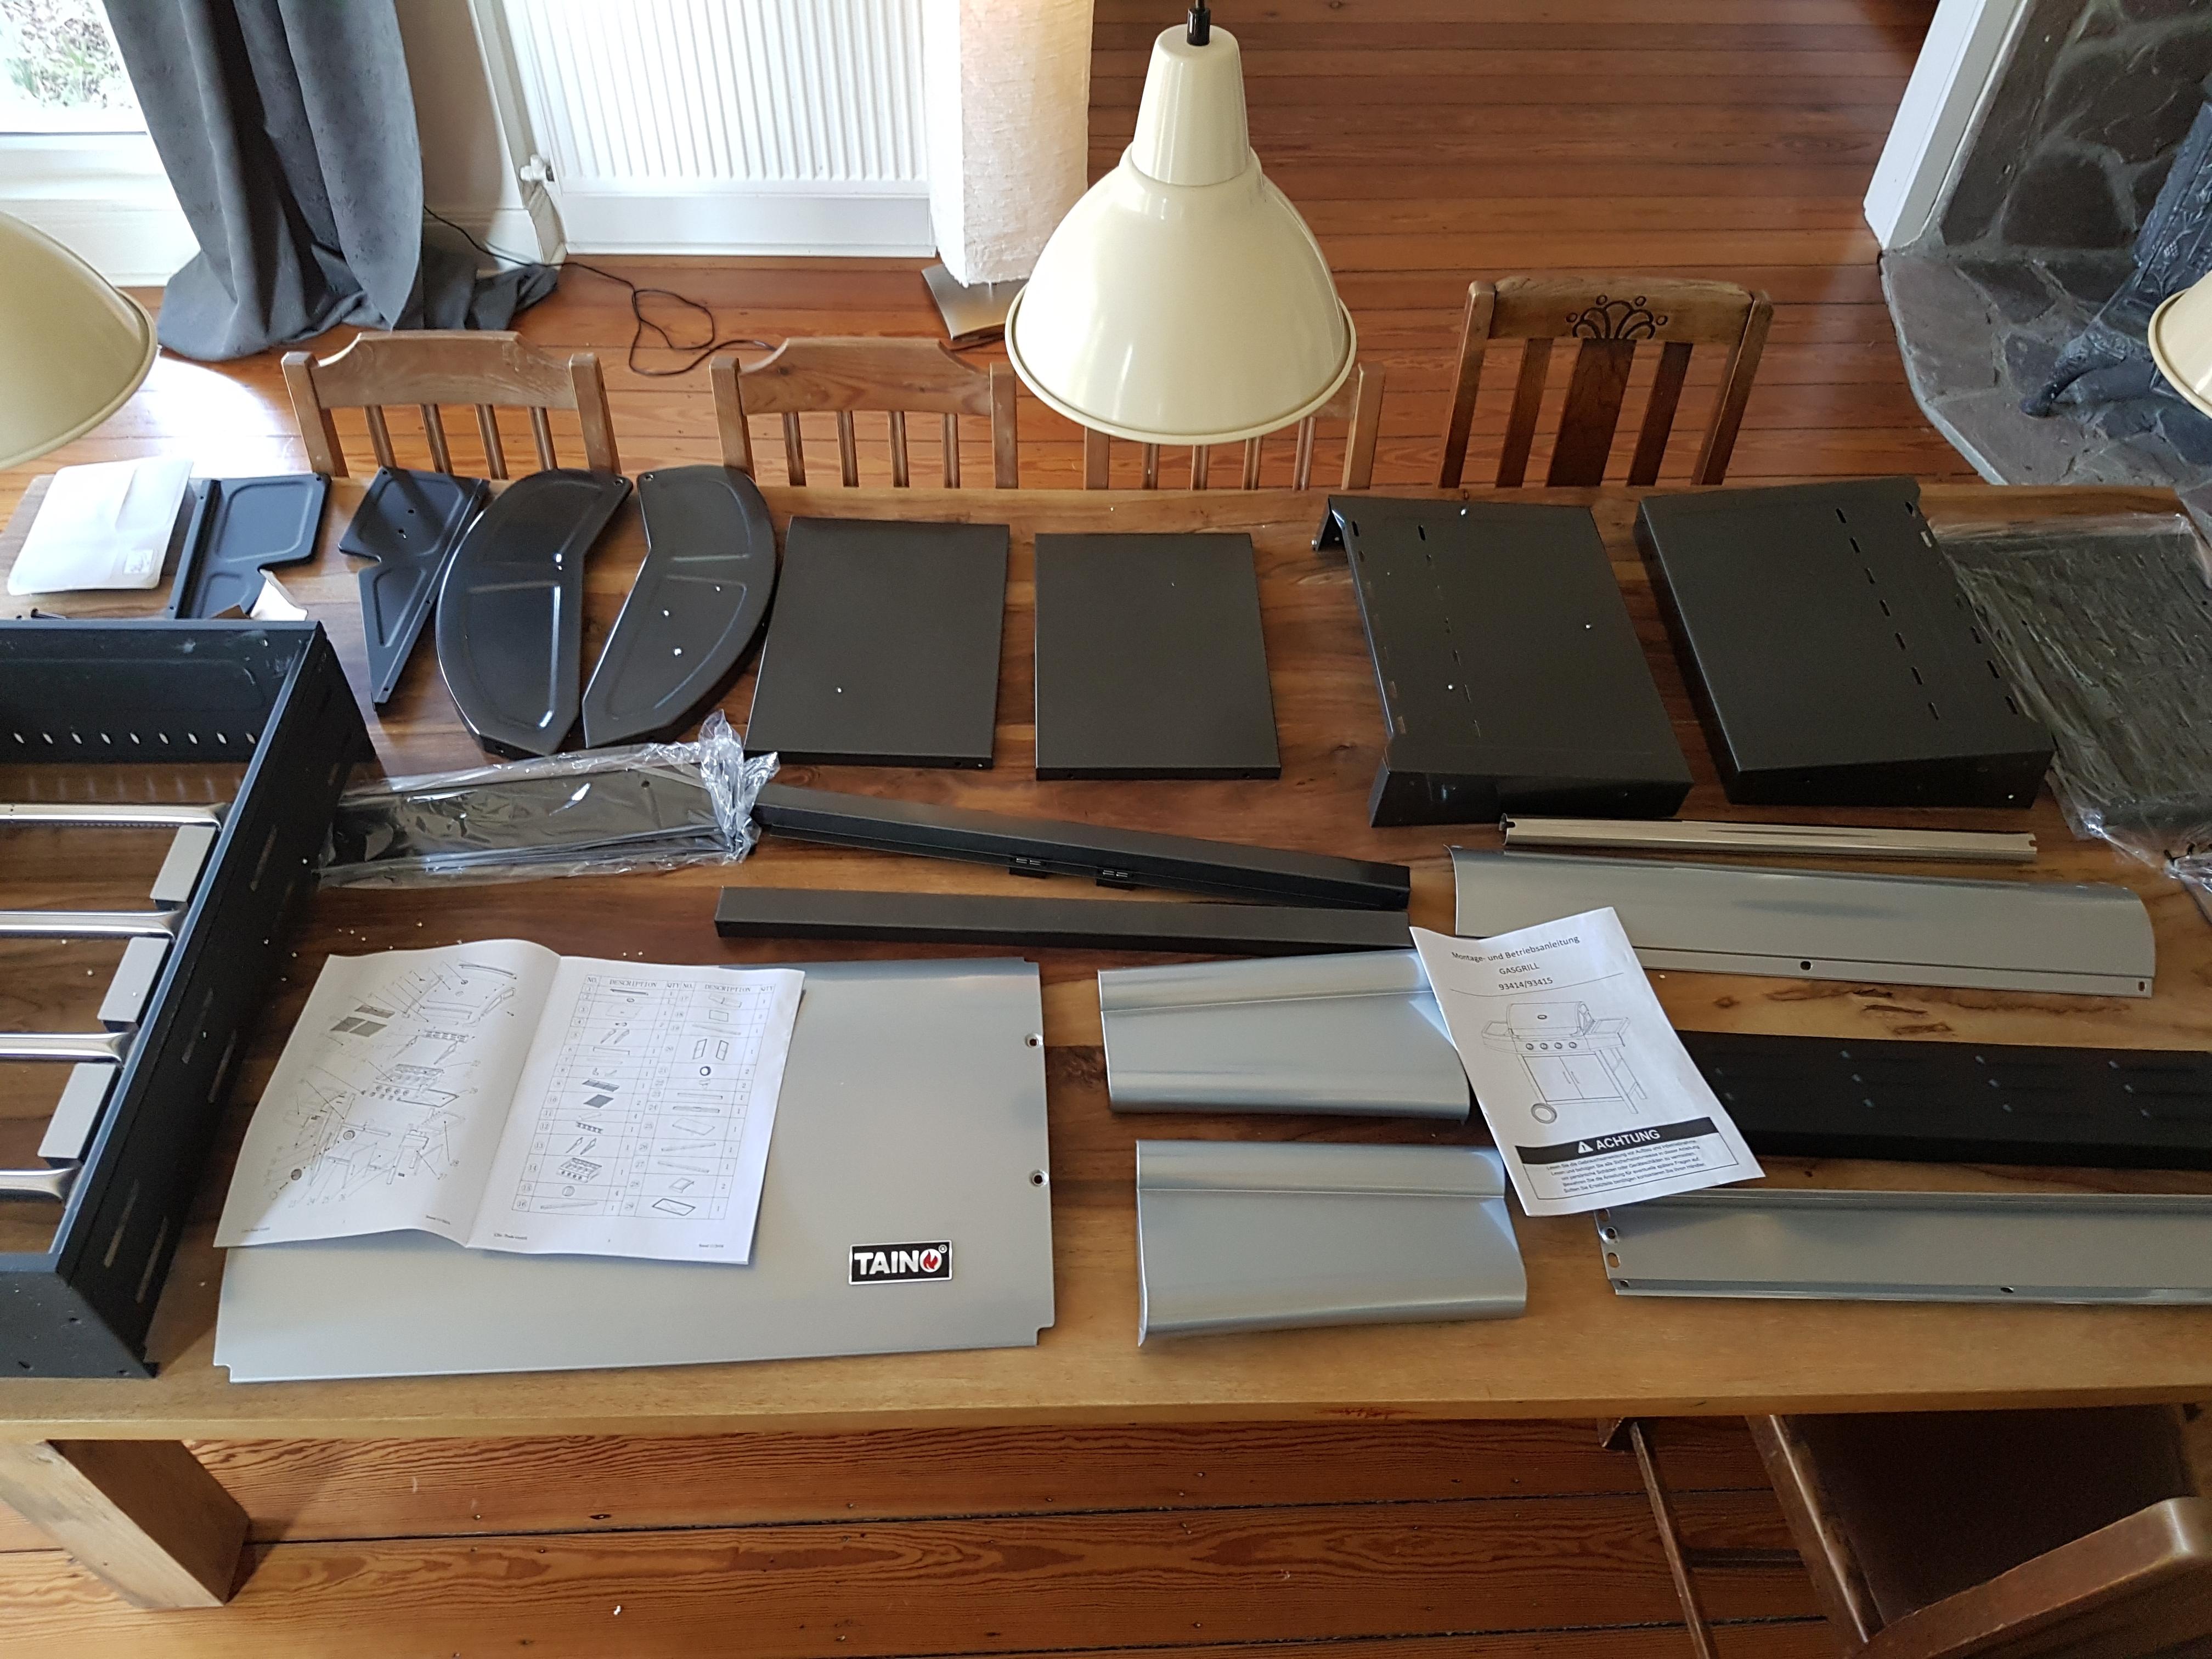 Taino Holzkohlegrill Test : Der neue taino gasgrill brenner modell silber hobby test